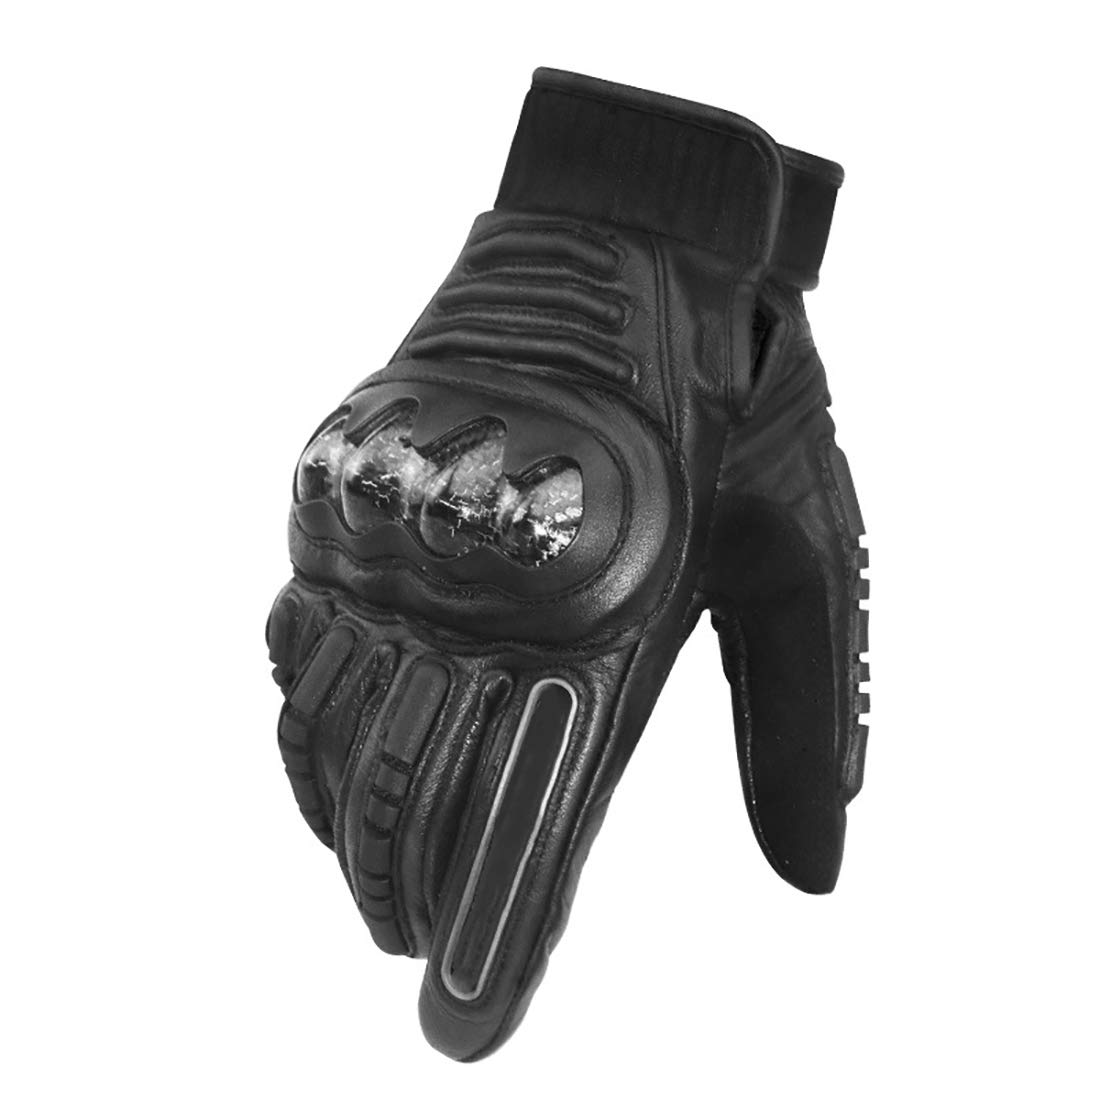 noir L LQUYY Les Hommes De l'hiver en Plein Air Sports Gants en Cuir à écran Tactile Résistant à l'usure des Gants étanches à Froid